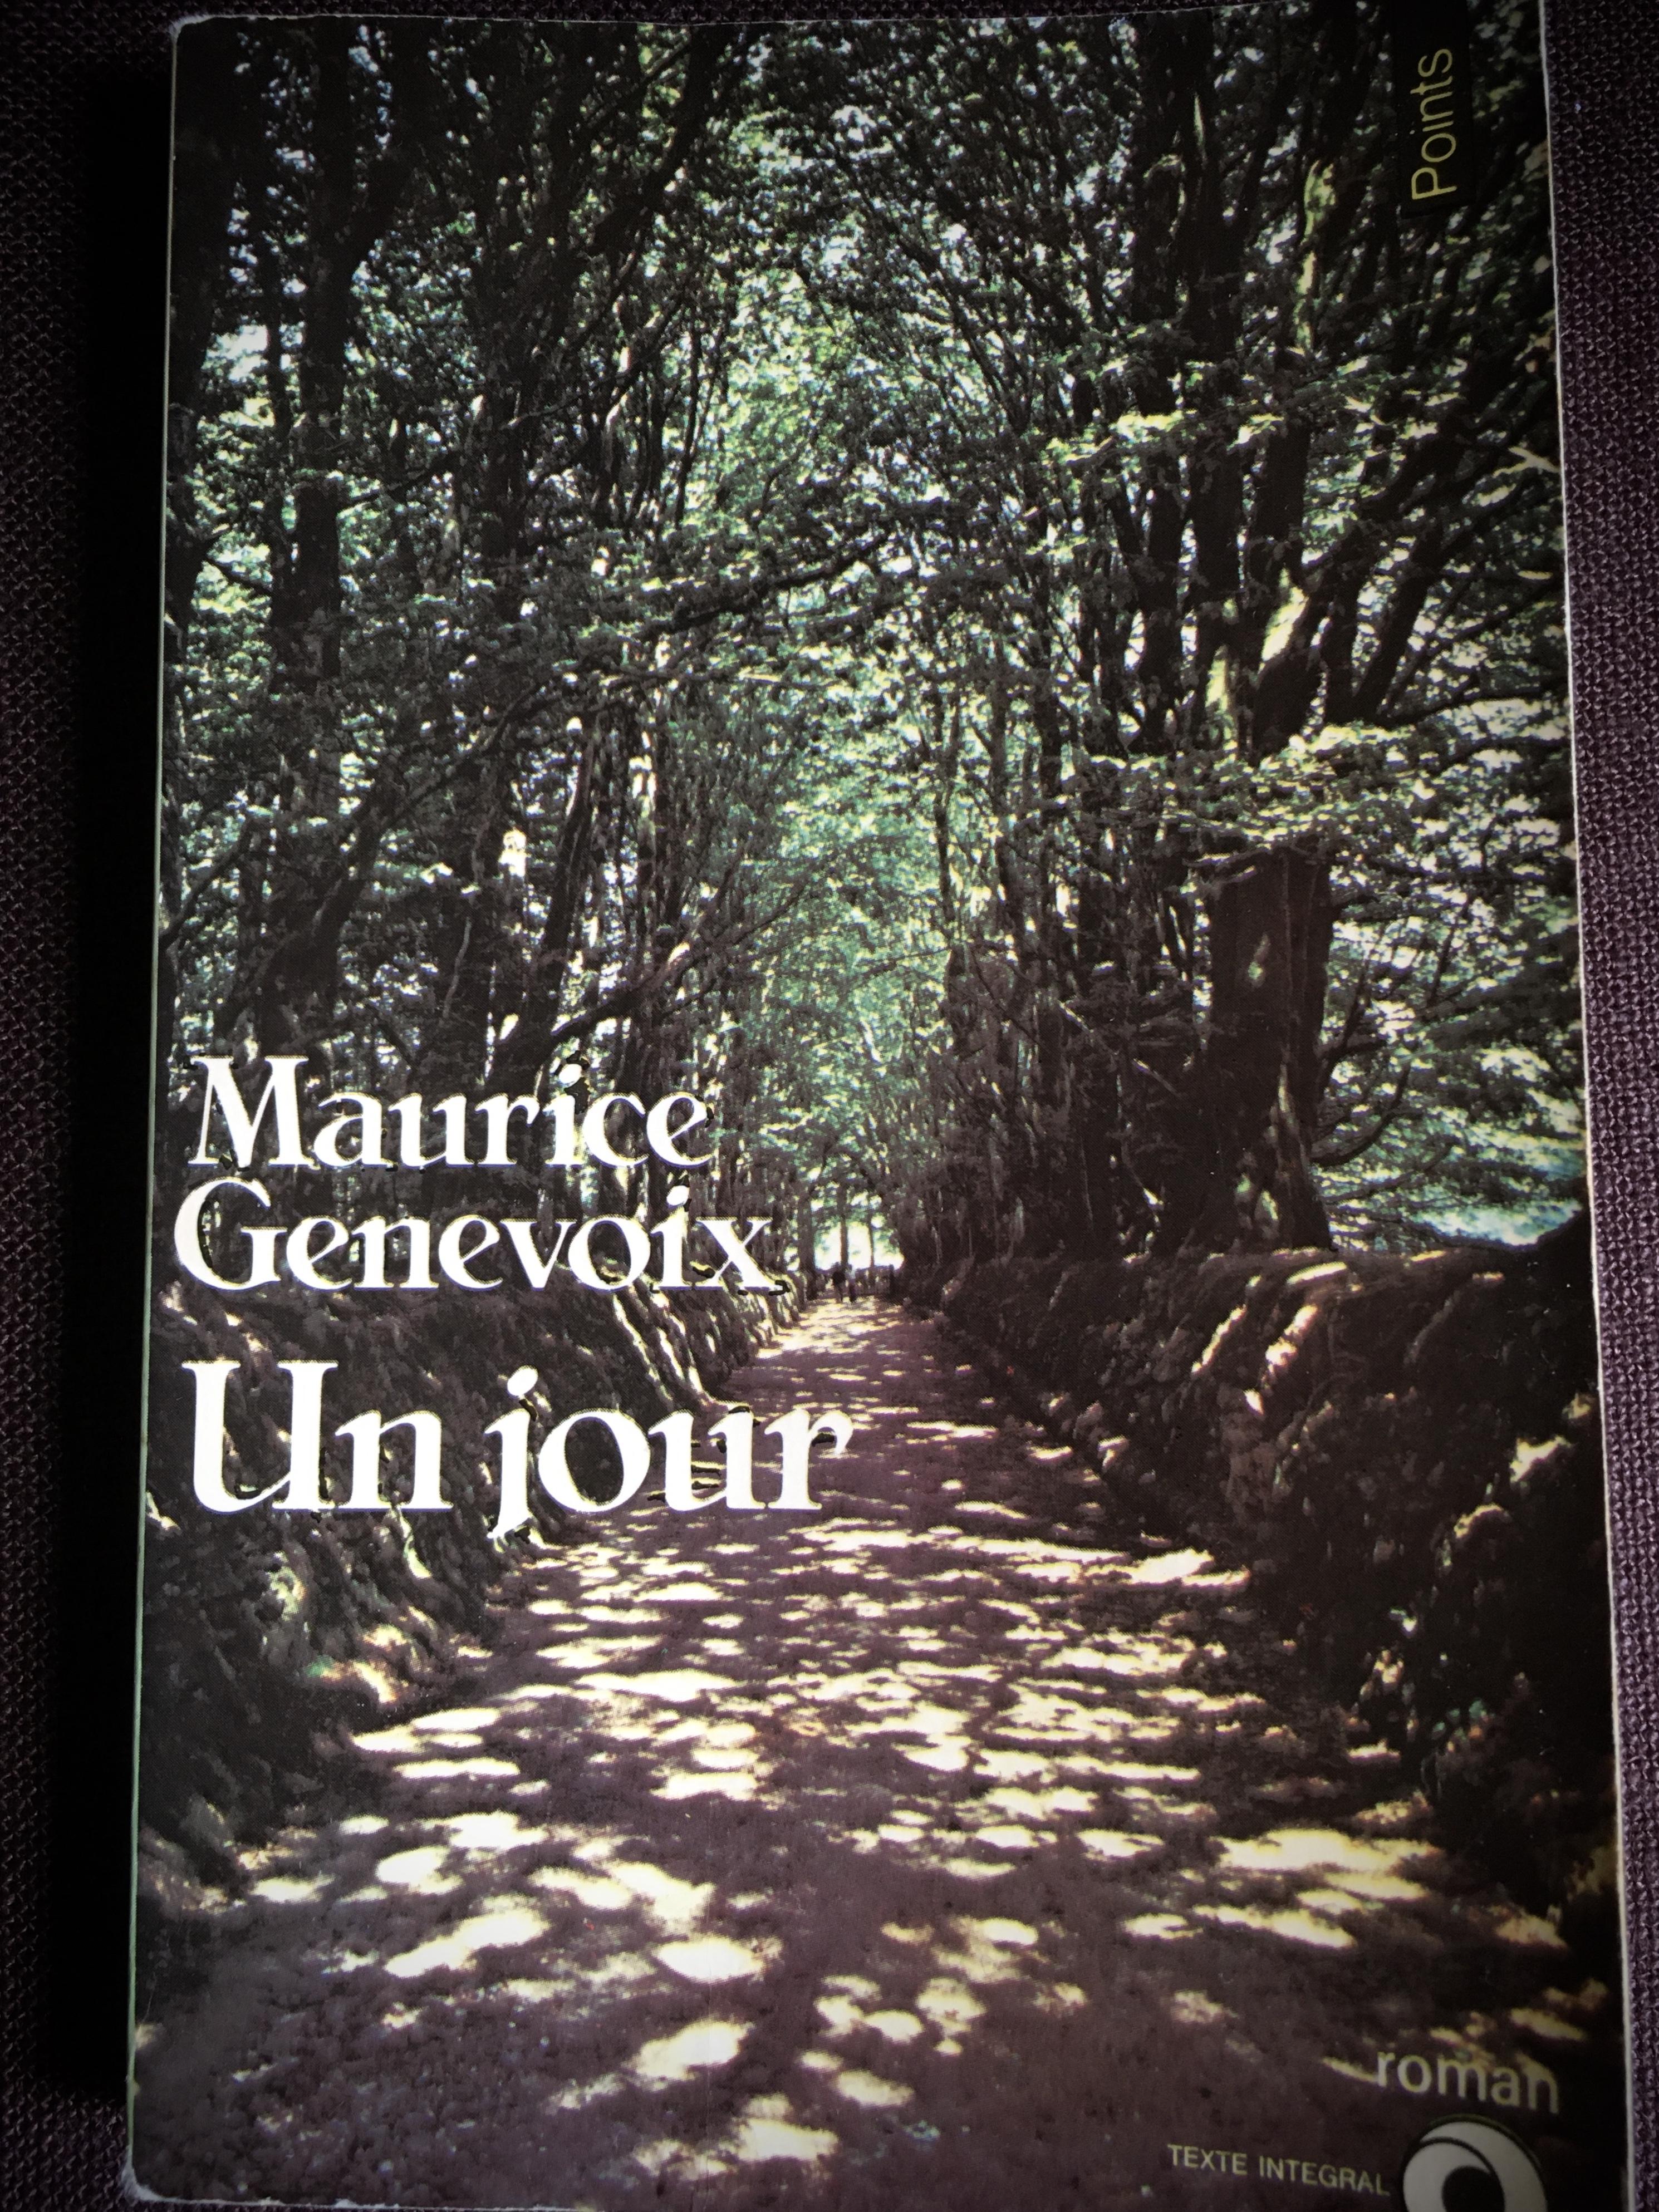 Maurice Genevoix – Un jour